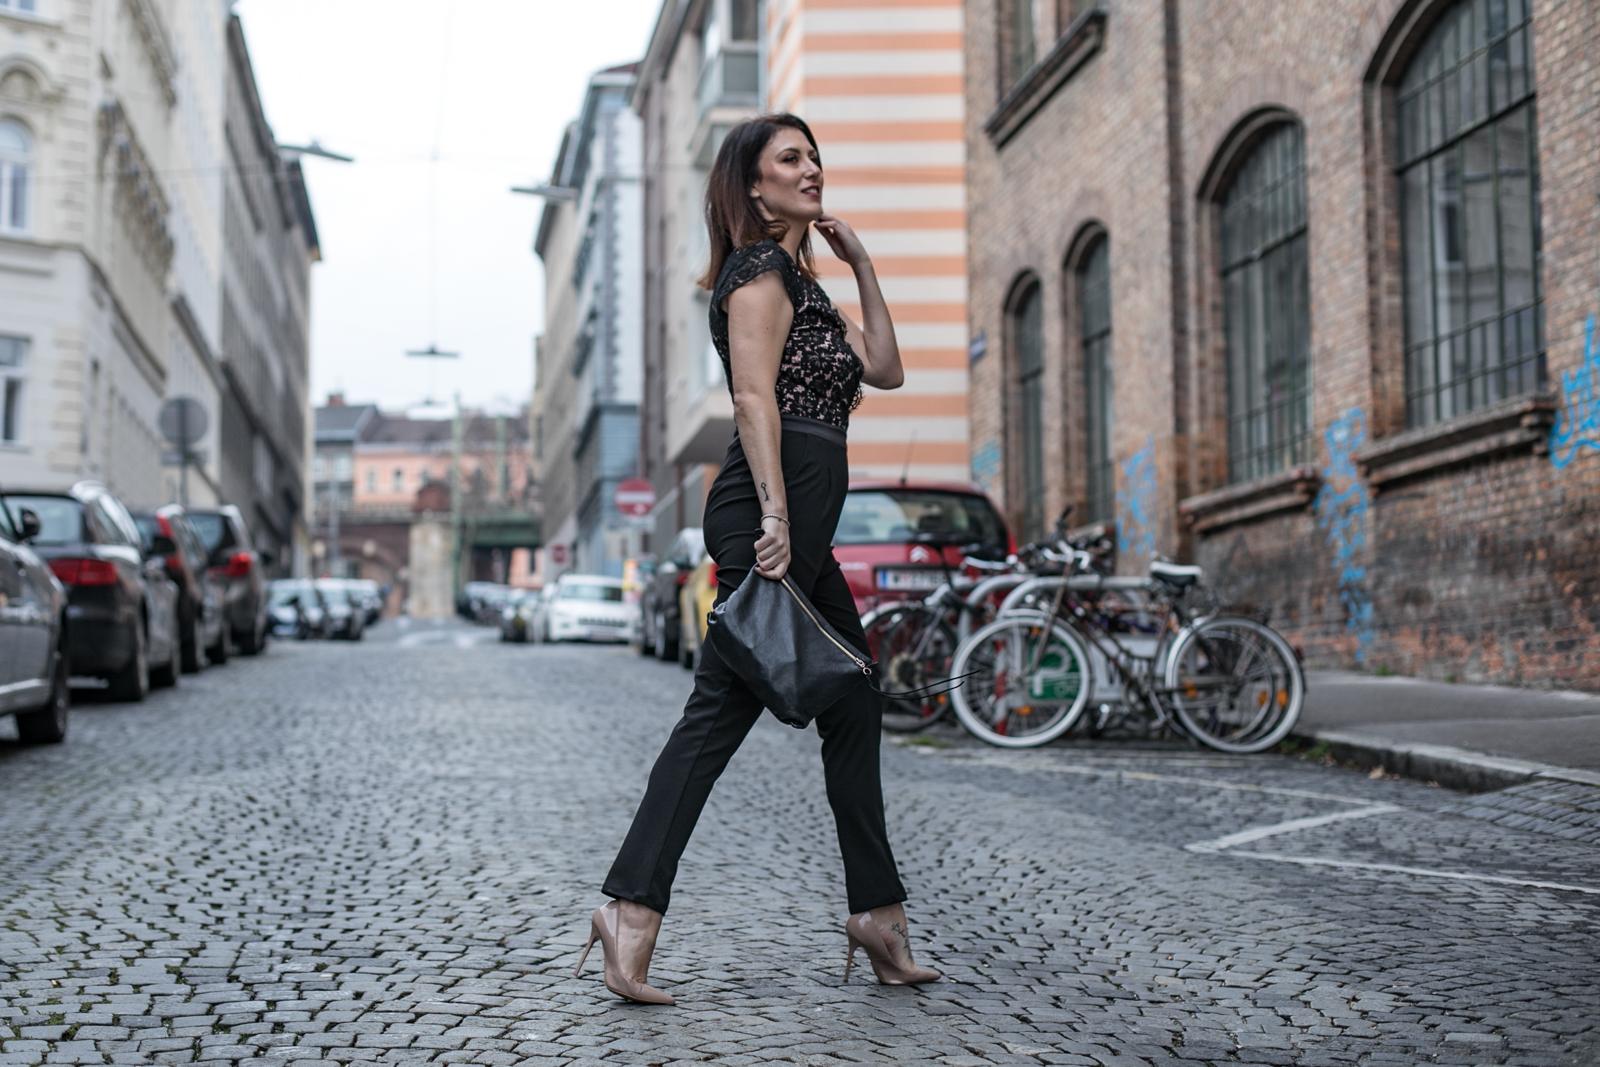 1600-Nadja-Nemetz-NadjaNemetz-Violetfleur-Violet-Fleur-Blog-Wien-WienerBlog-Beauty-Fashion-Lifestyle-Modeblog-Beautyblog-Fotografin-Bloggerin- (5 von 22)